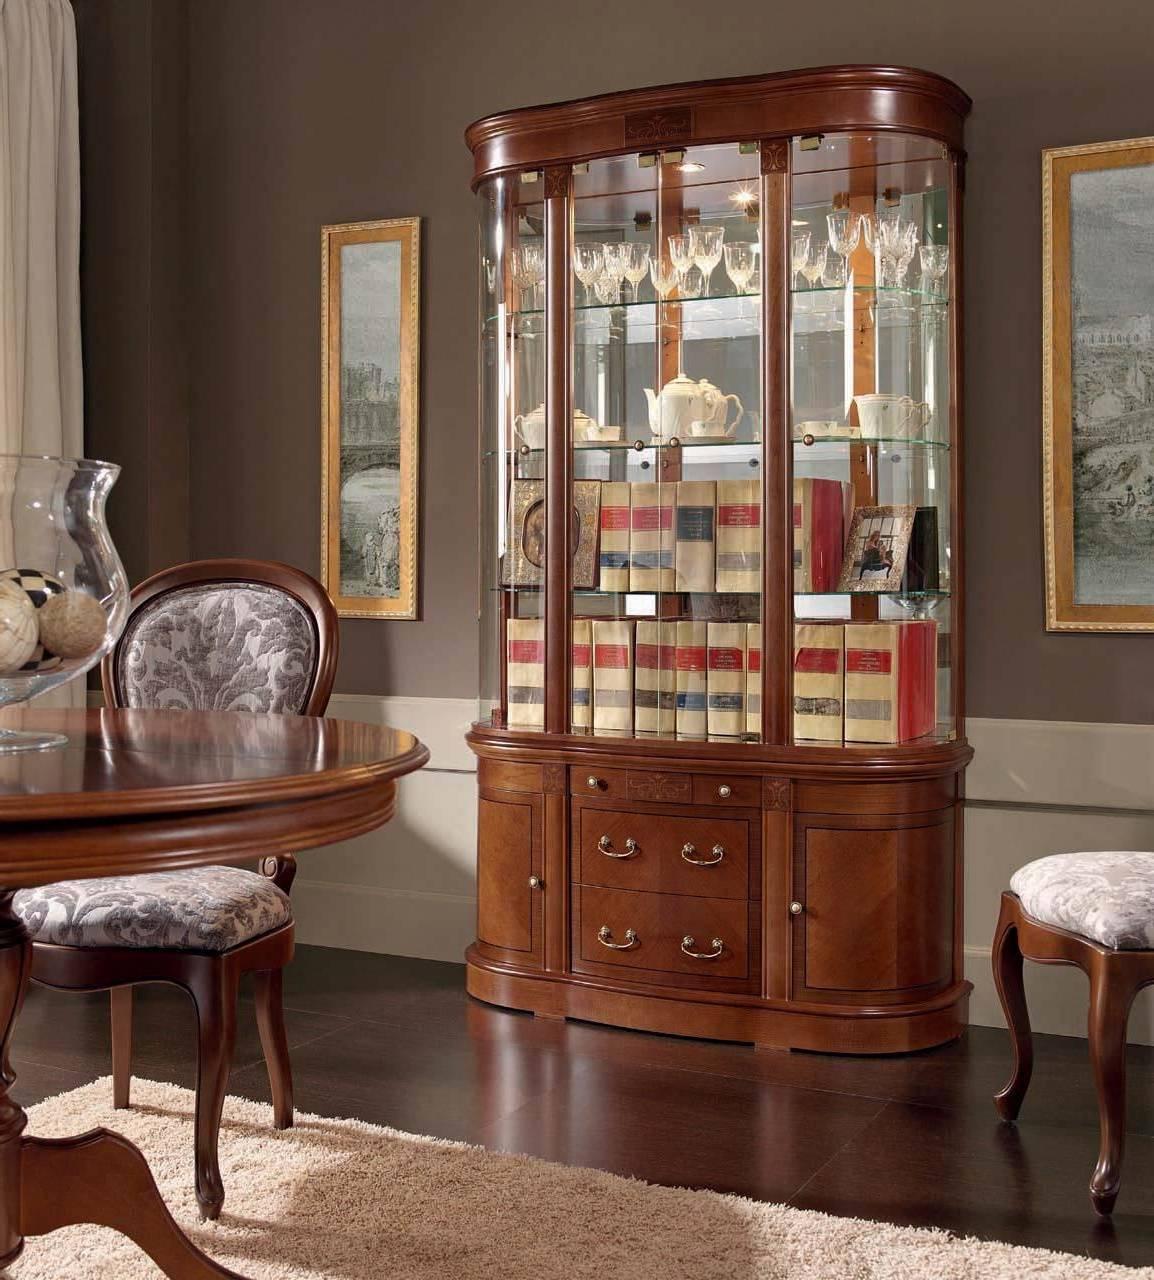 Сервант для посуды в гостиную, буфет в классическом стиле, сервант в гостиной в современном дизайне